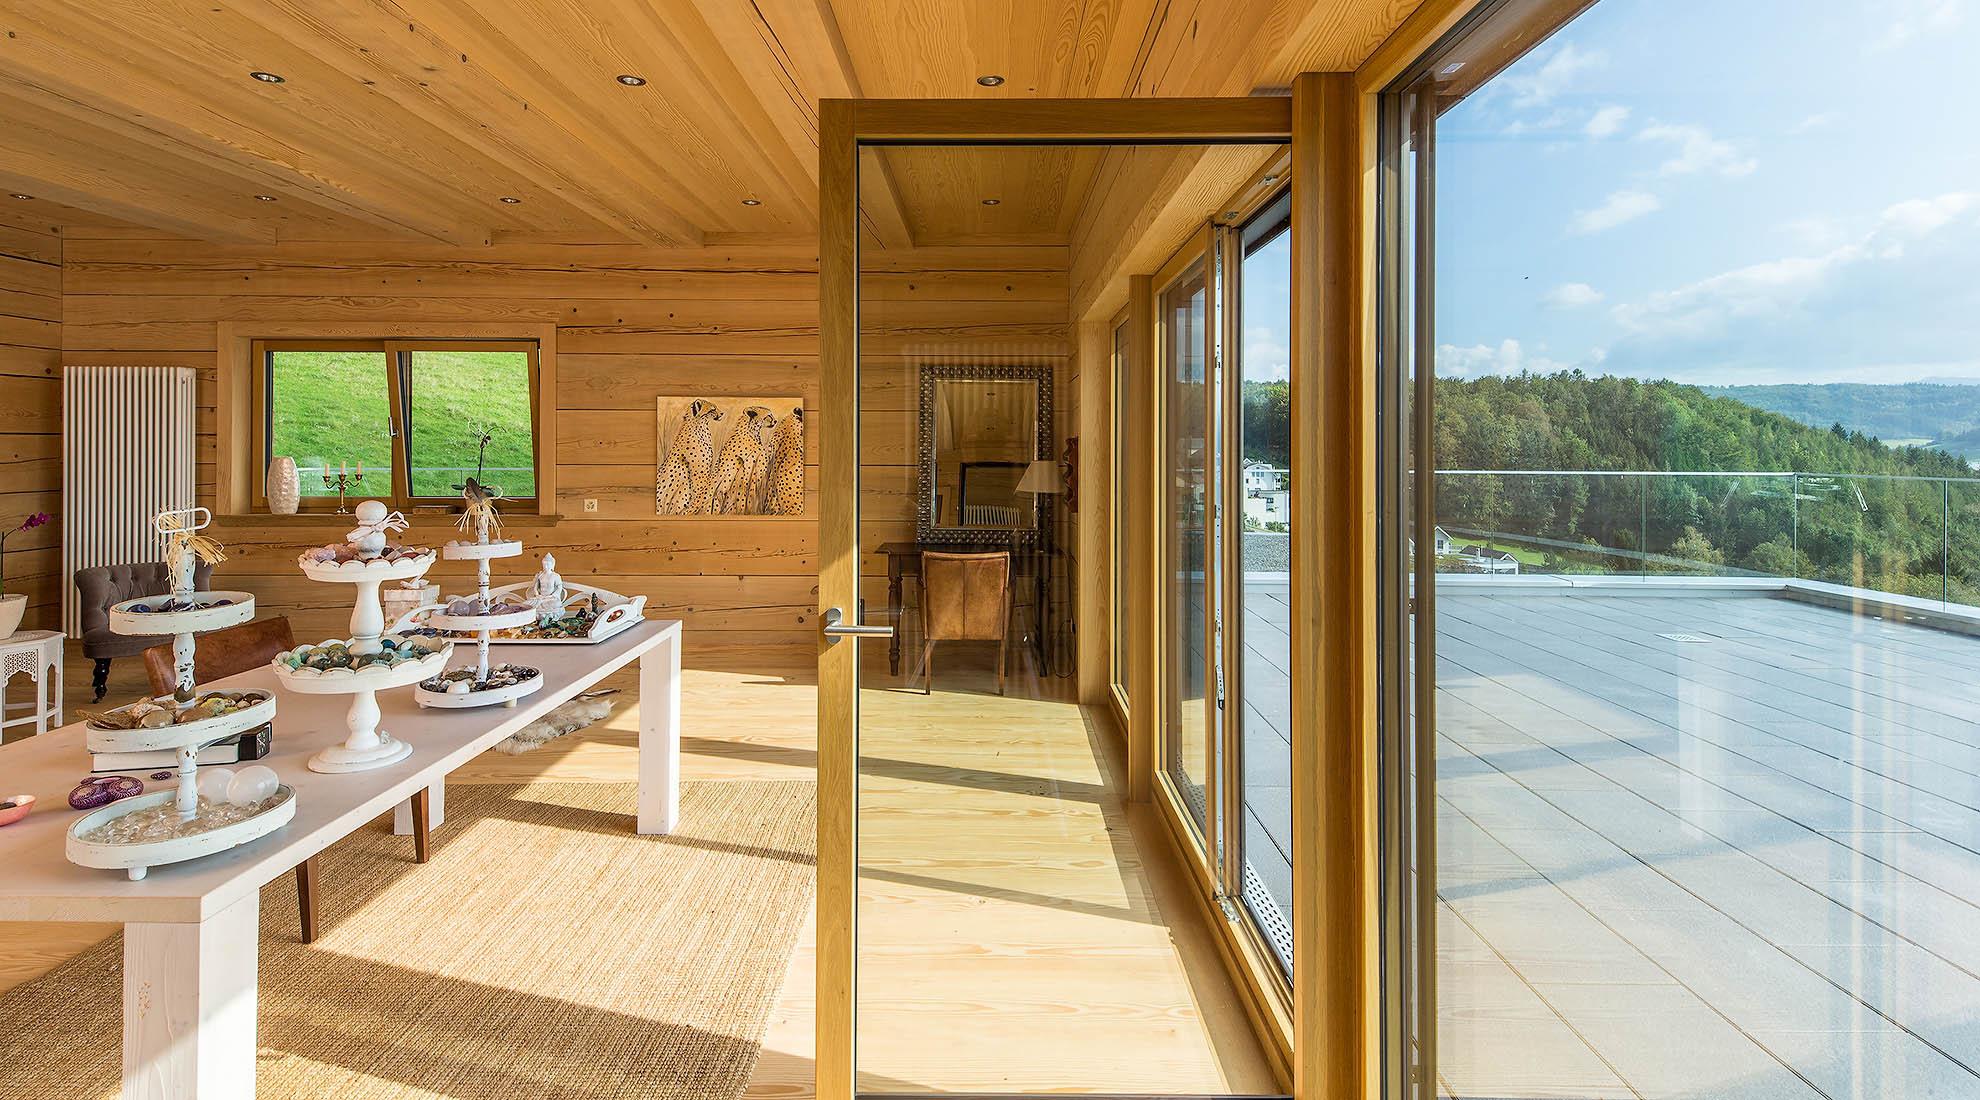 Holzhaus und Blockhaus   Gesundes Bauen mit Holz, Lehm und Stein ...